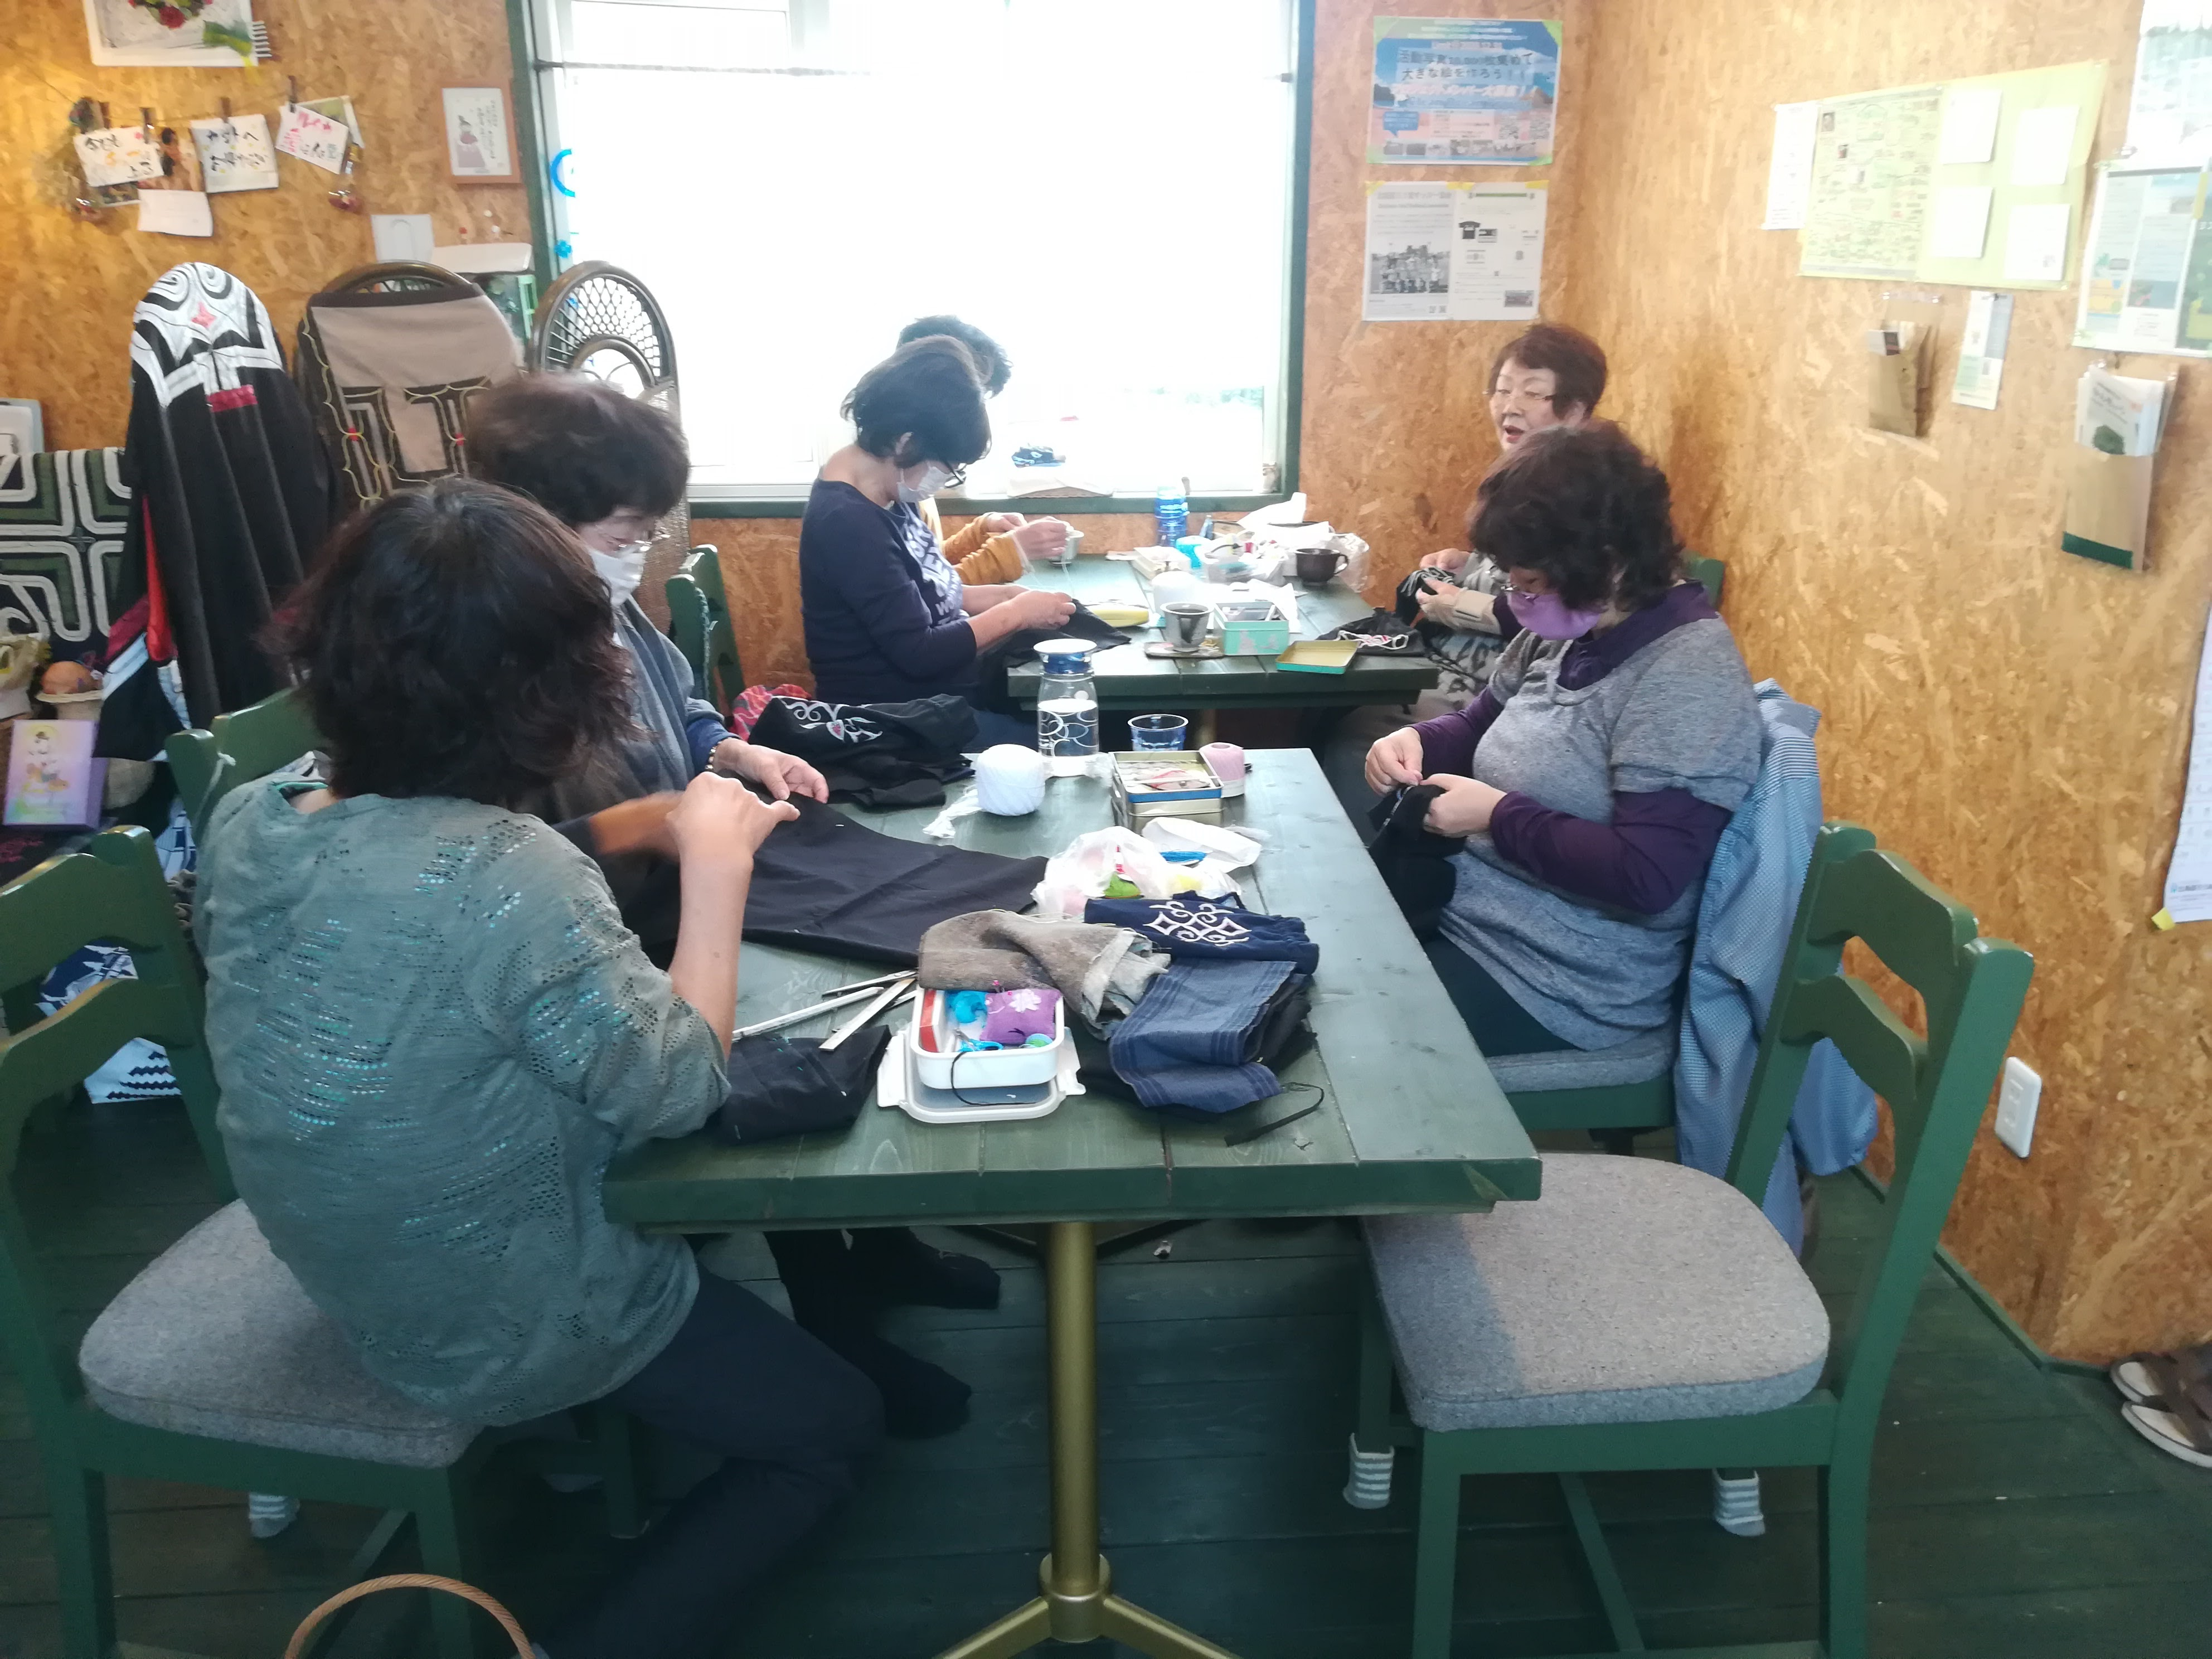 アイヌ文様刺繍教室